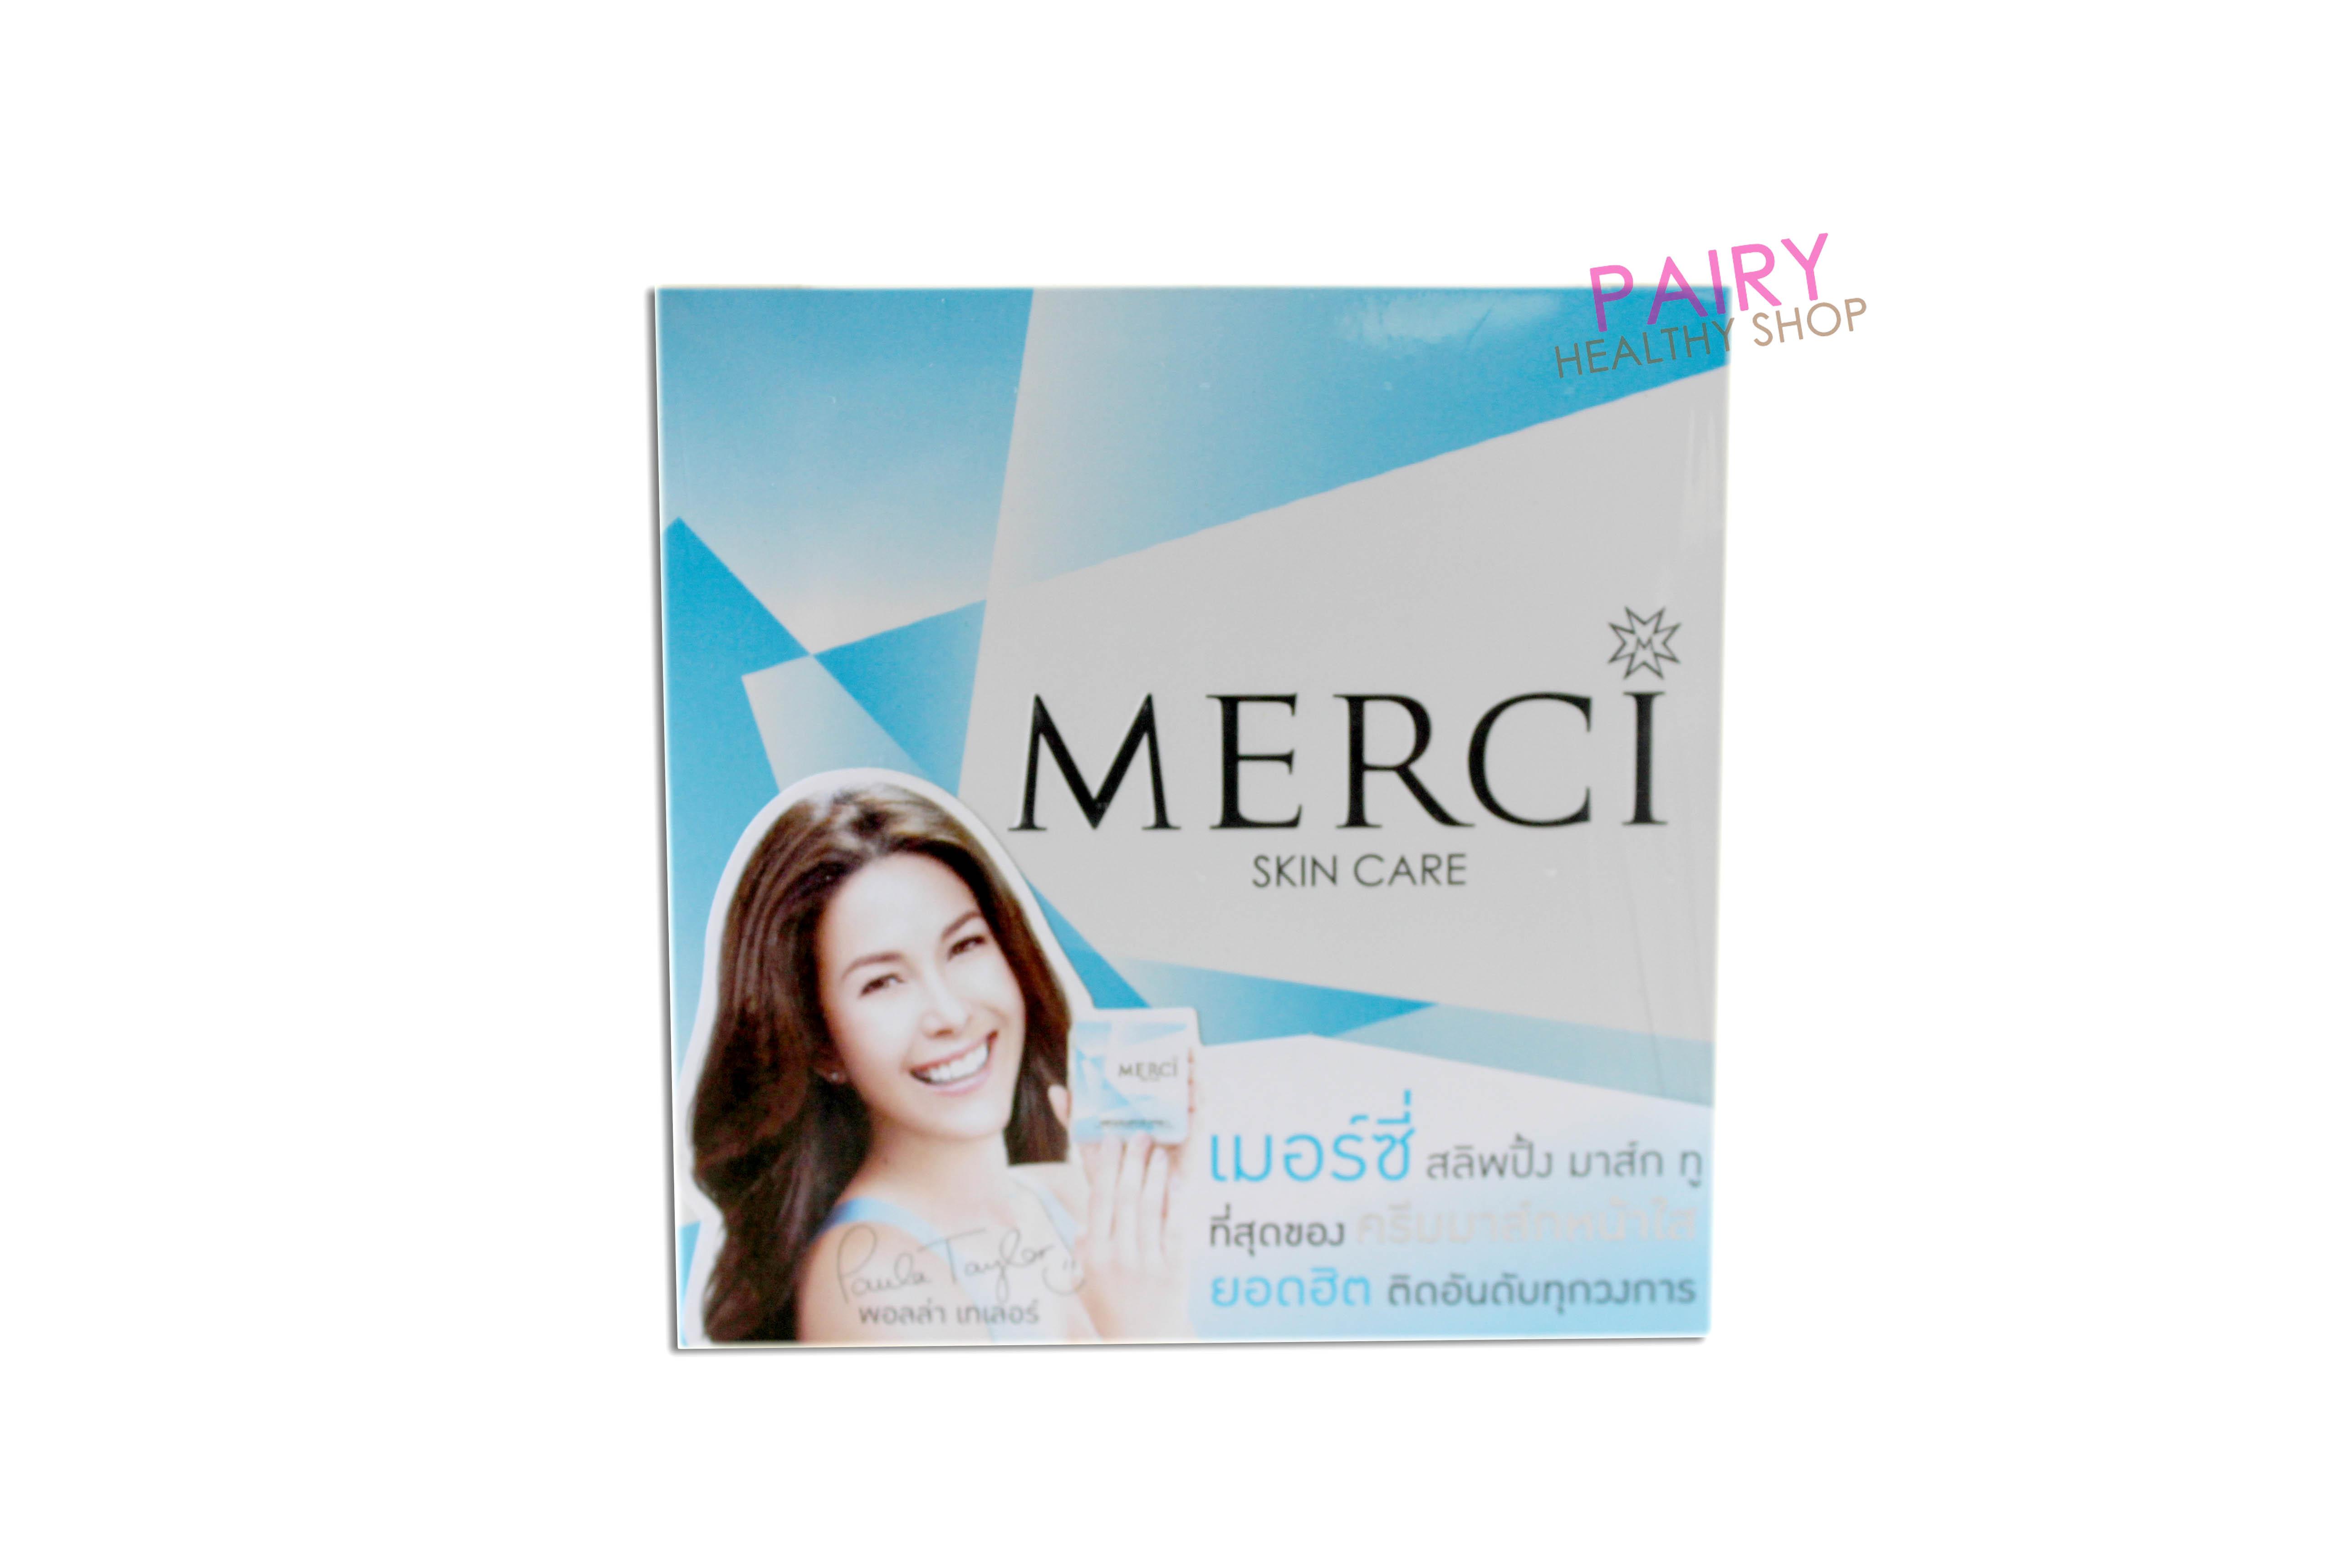 Merci Sleeping Mask เมอร์ซี่ สลิพปิ้ง มาส์ก SALE 69-85% ส่งฟร๊ ลทบ.